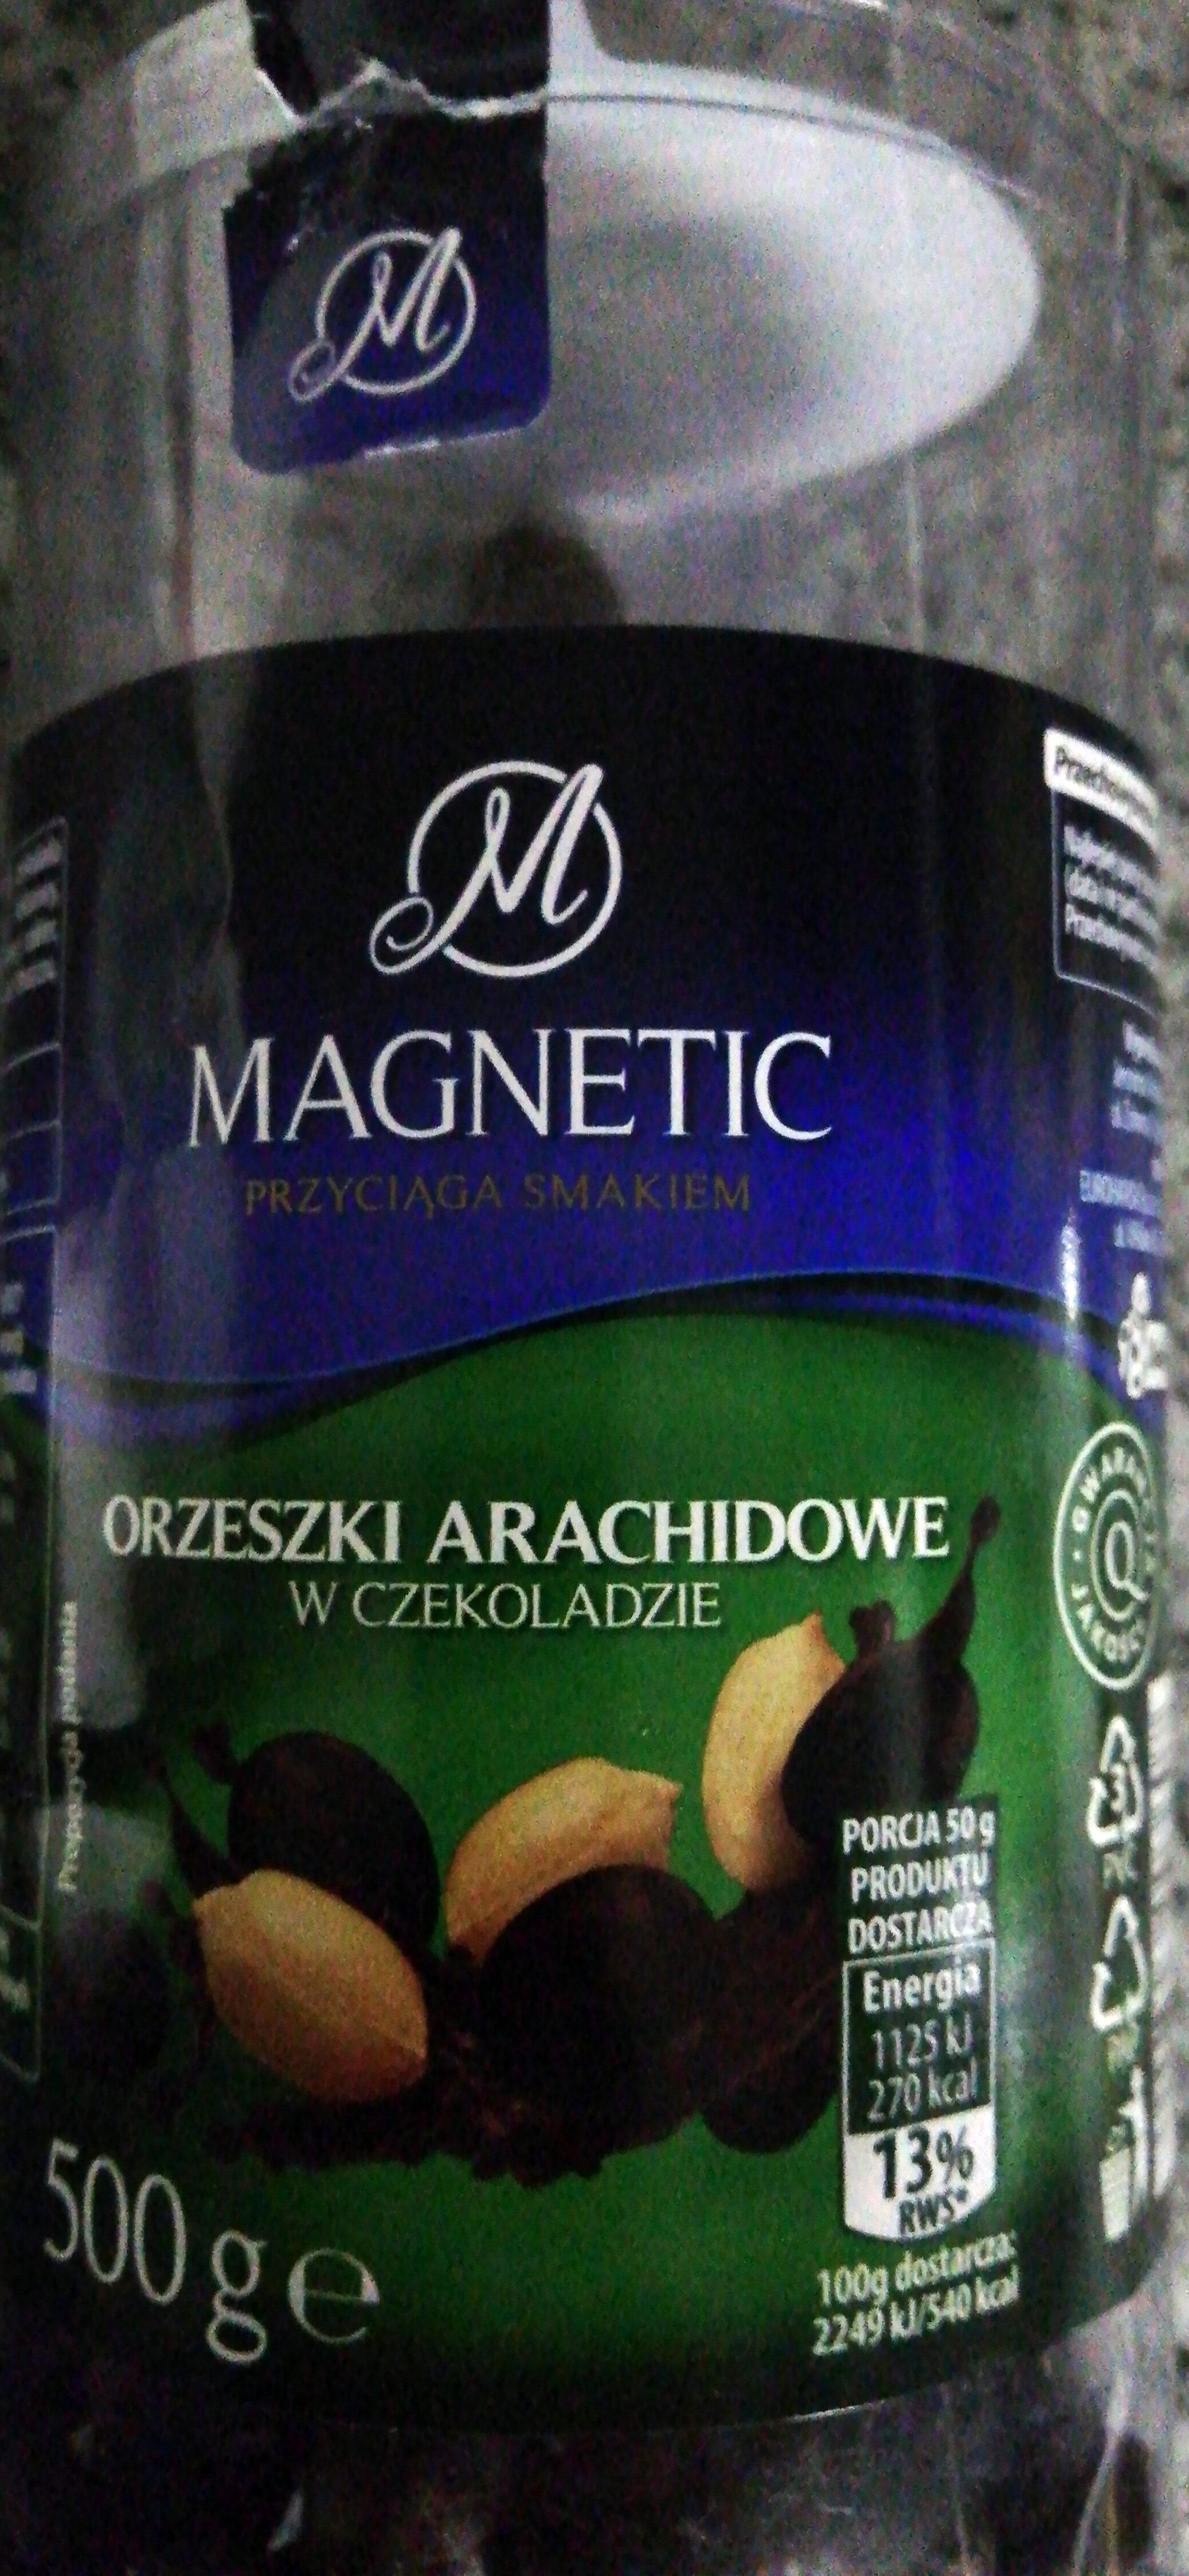 Orzeszki arachidowe w czekoladzie. - Produit - pl